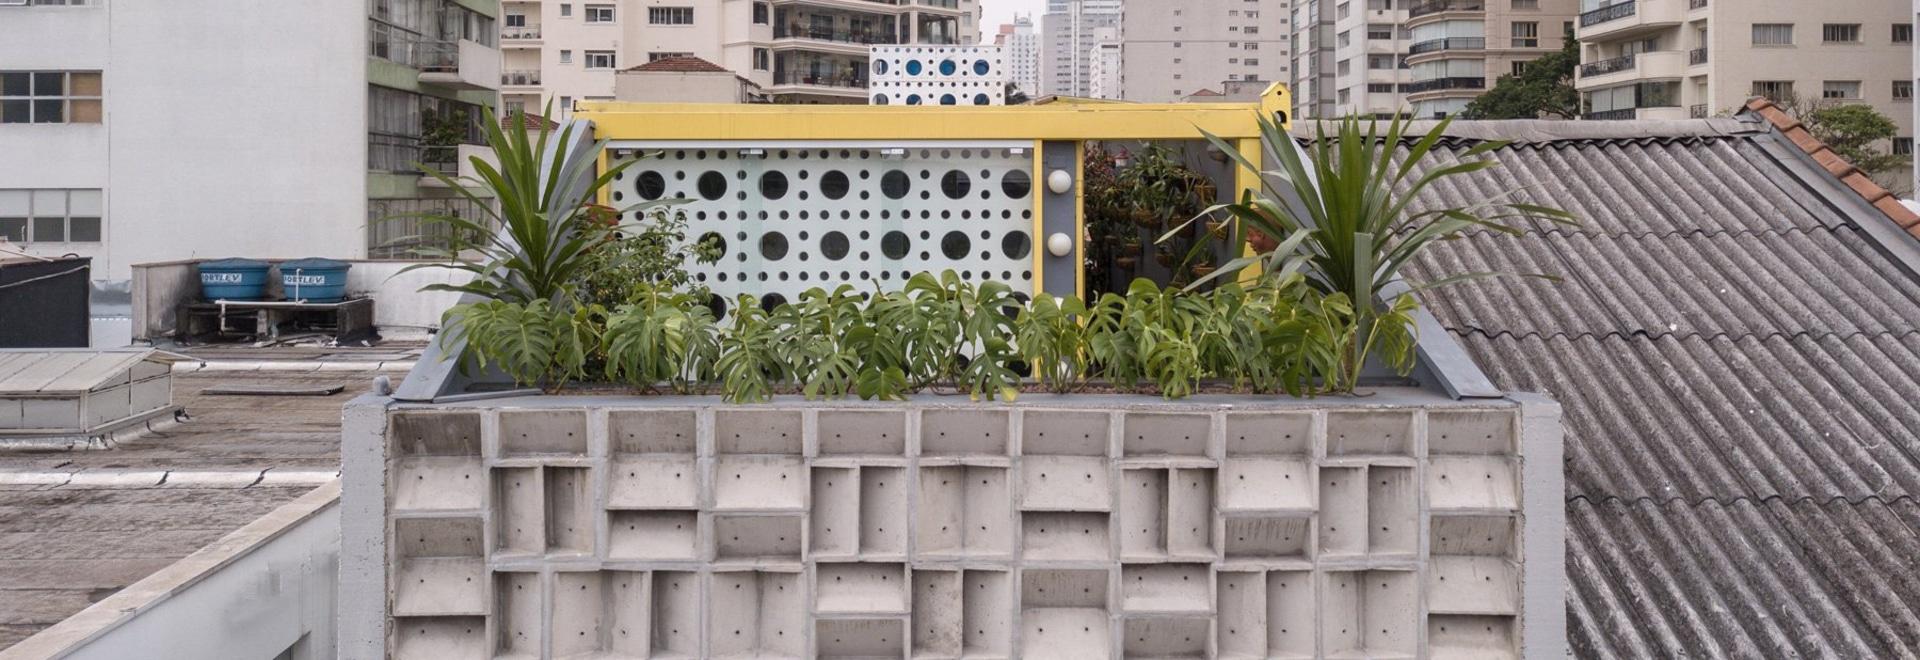 el debaixo hace bloco termina la galería de arte de Pablo del são con la fachada de bloques de cemento prefabricados